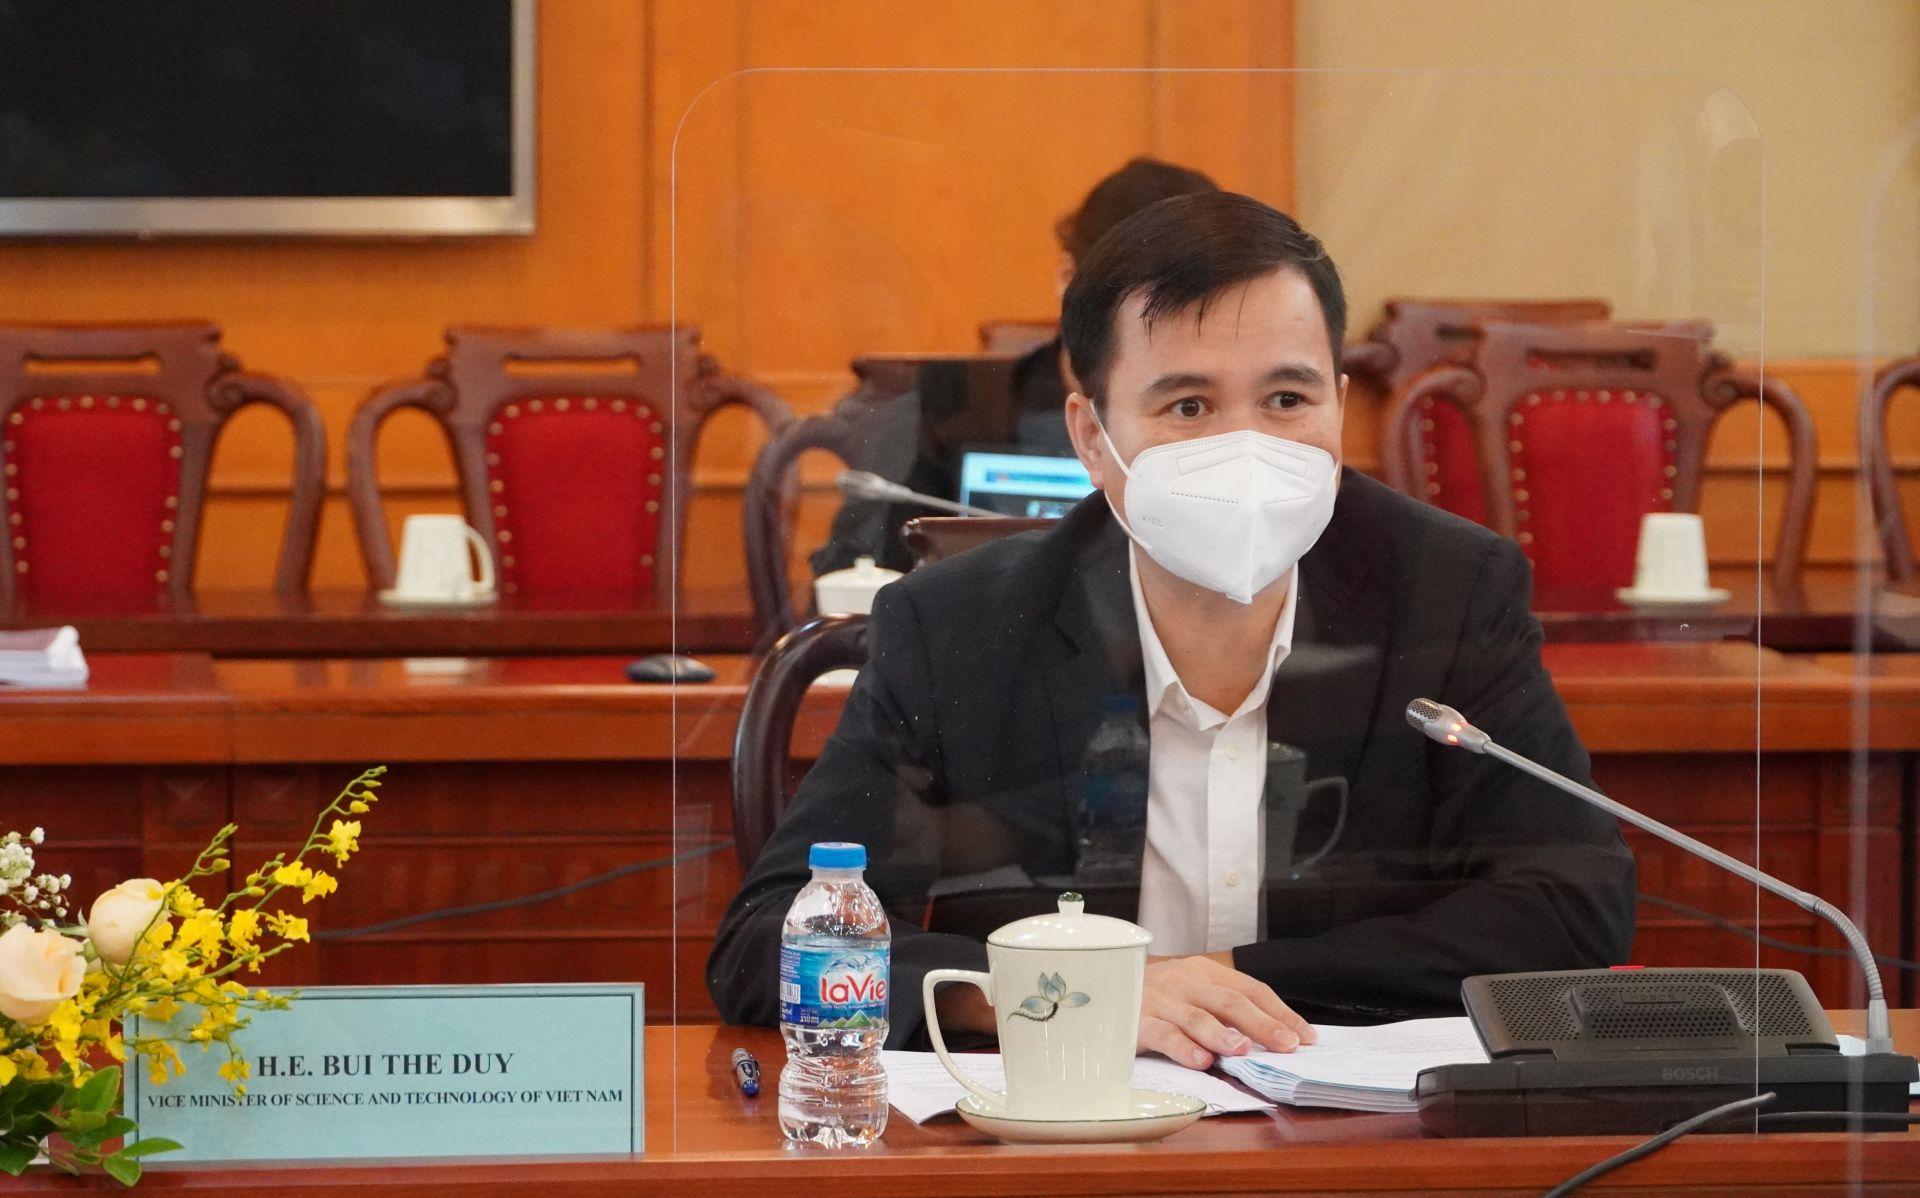 Thứ trưởng Bộ KH&CN Bùi Thế Duy phát biểu trong hội thảo. Nguồn: VKIST